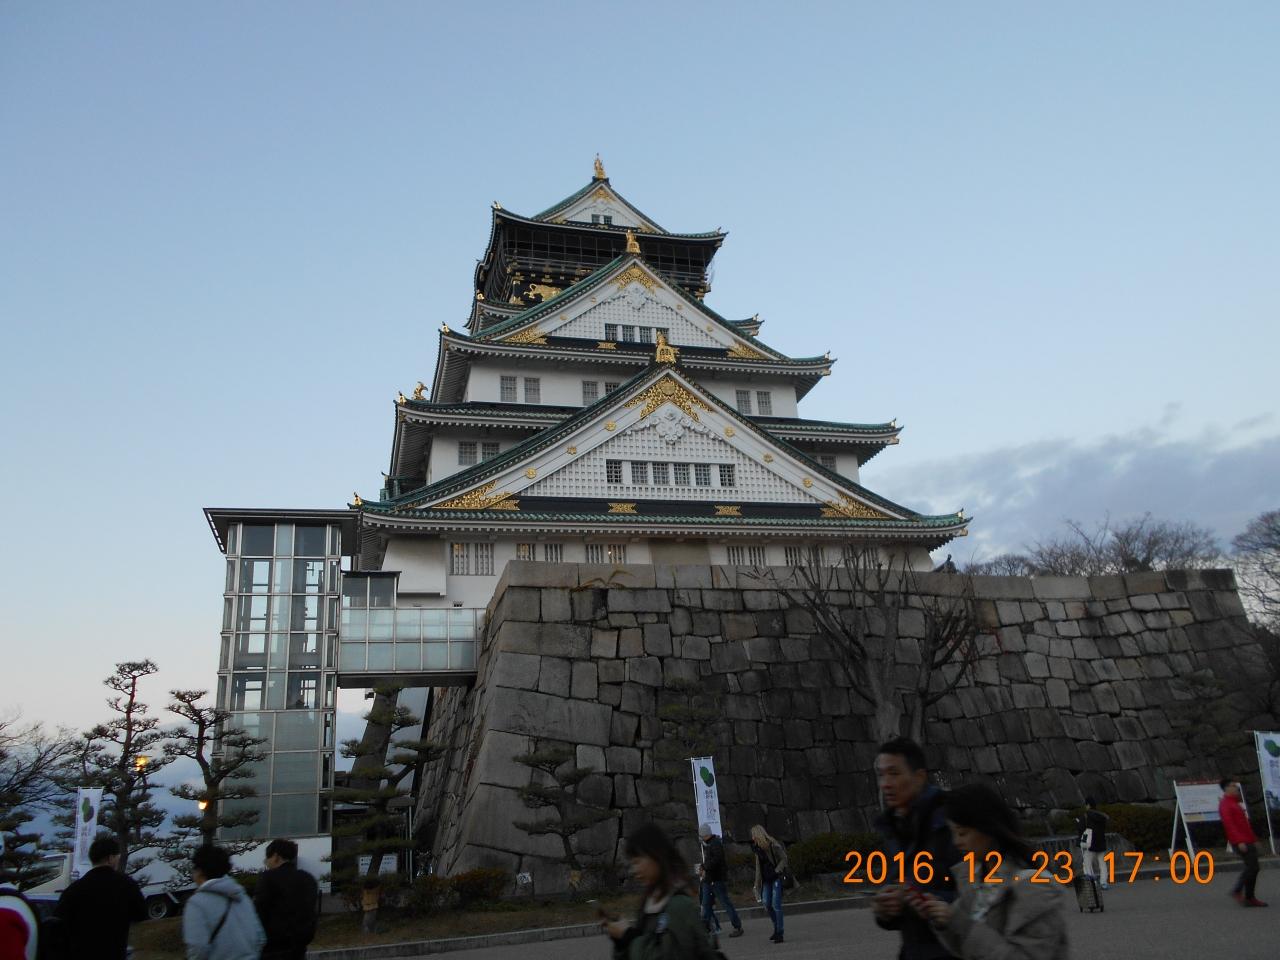 大阪城公園の中に残る堀や門